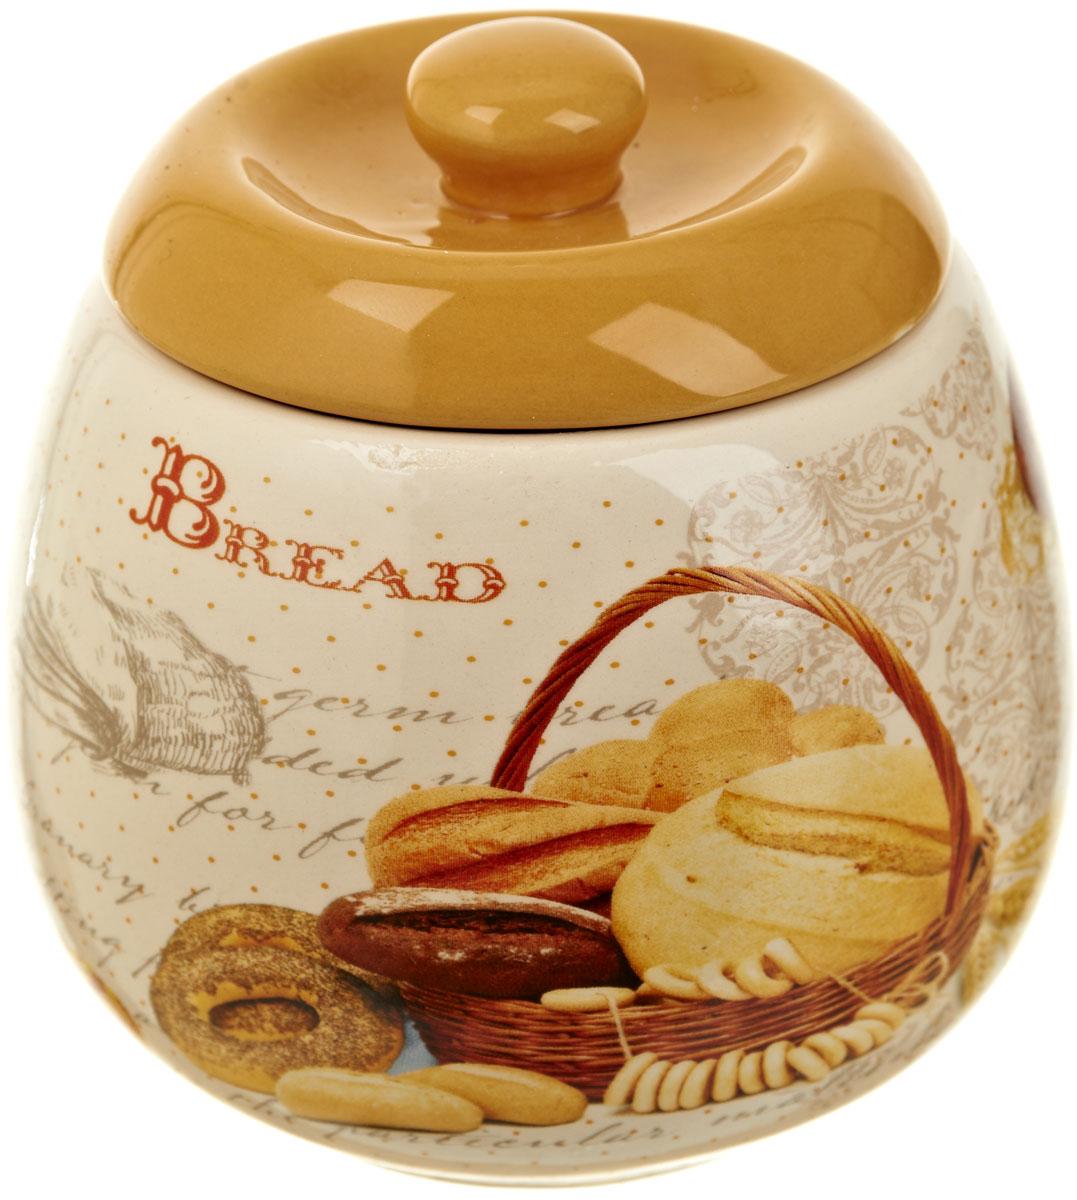 Сахарница Polystar Хлеб, 500 млL1581896Сахарница Хлеб с крышкой изготовлена из высококачественной керамики и декорирована оригинальным рисунком. Емкость универсальна, подойдет как для сахара, так и для меда.